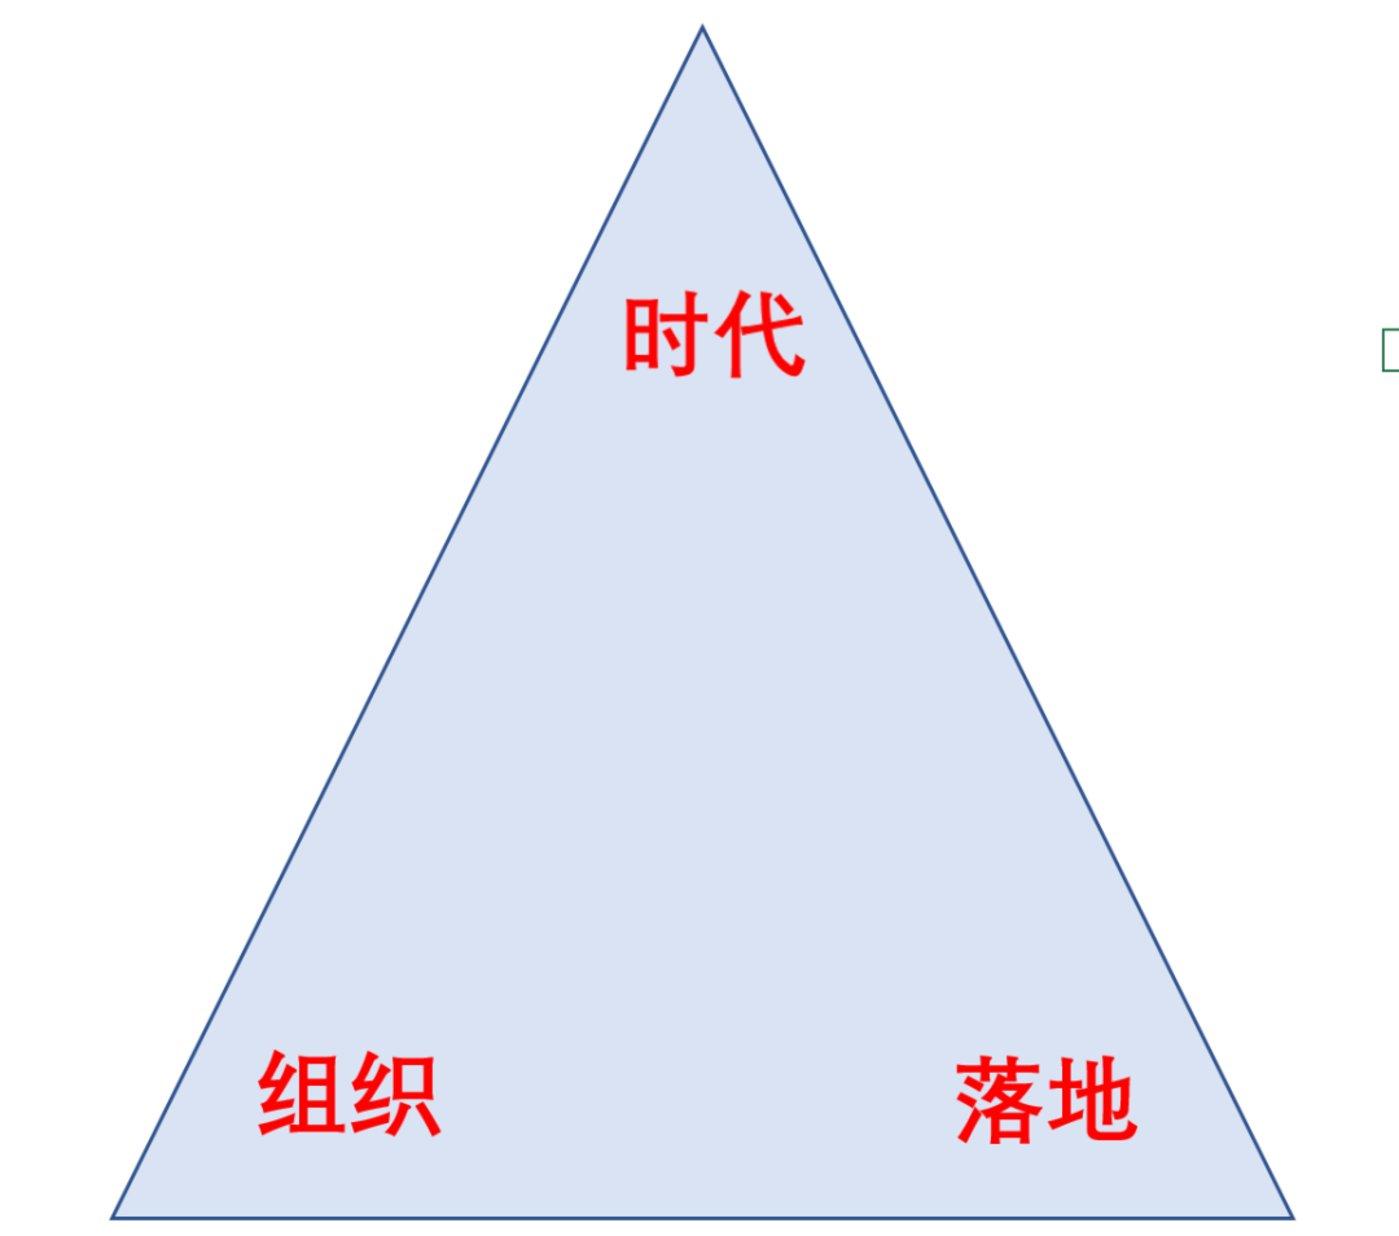 图7:组织三角,来源:锦缎